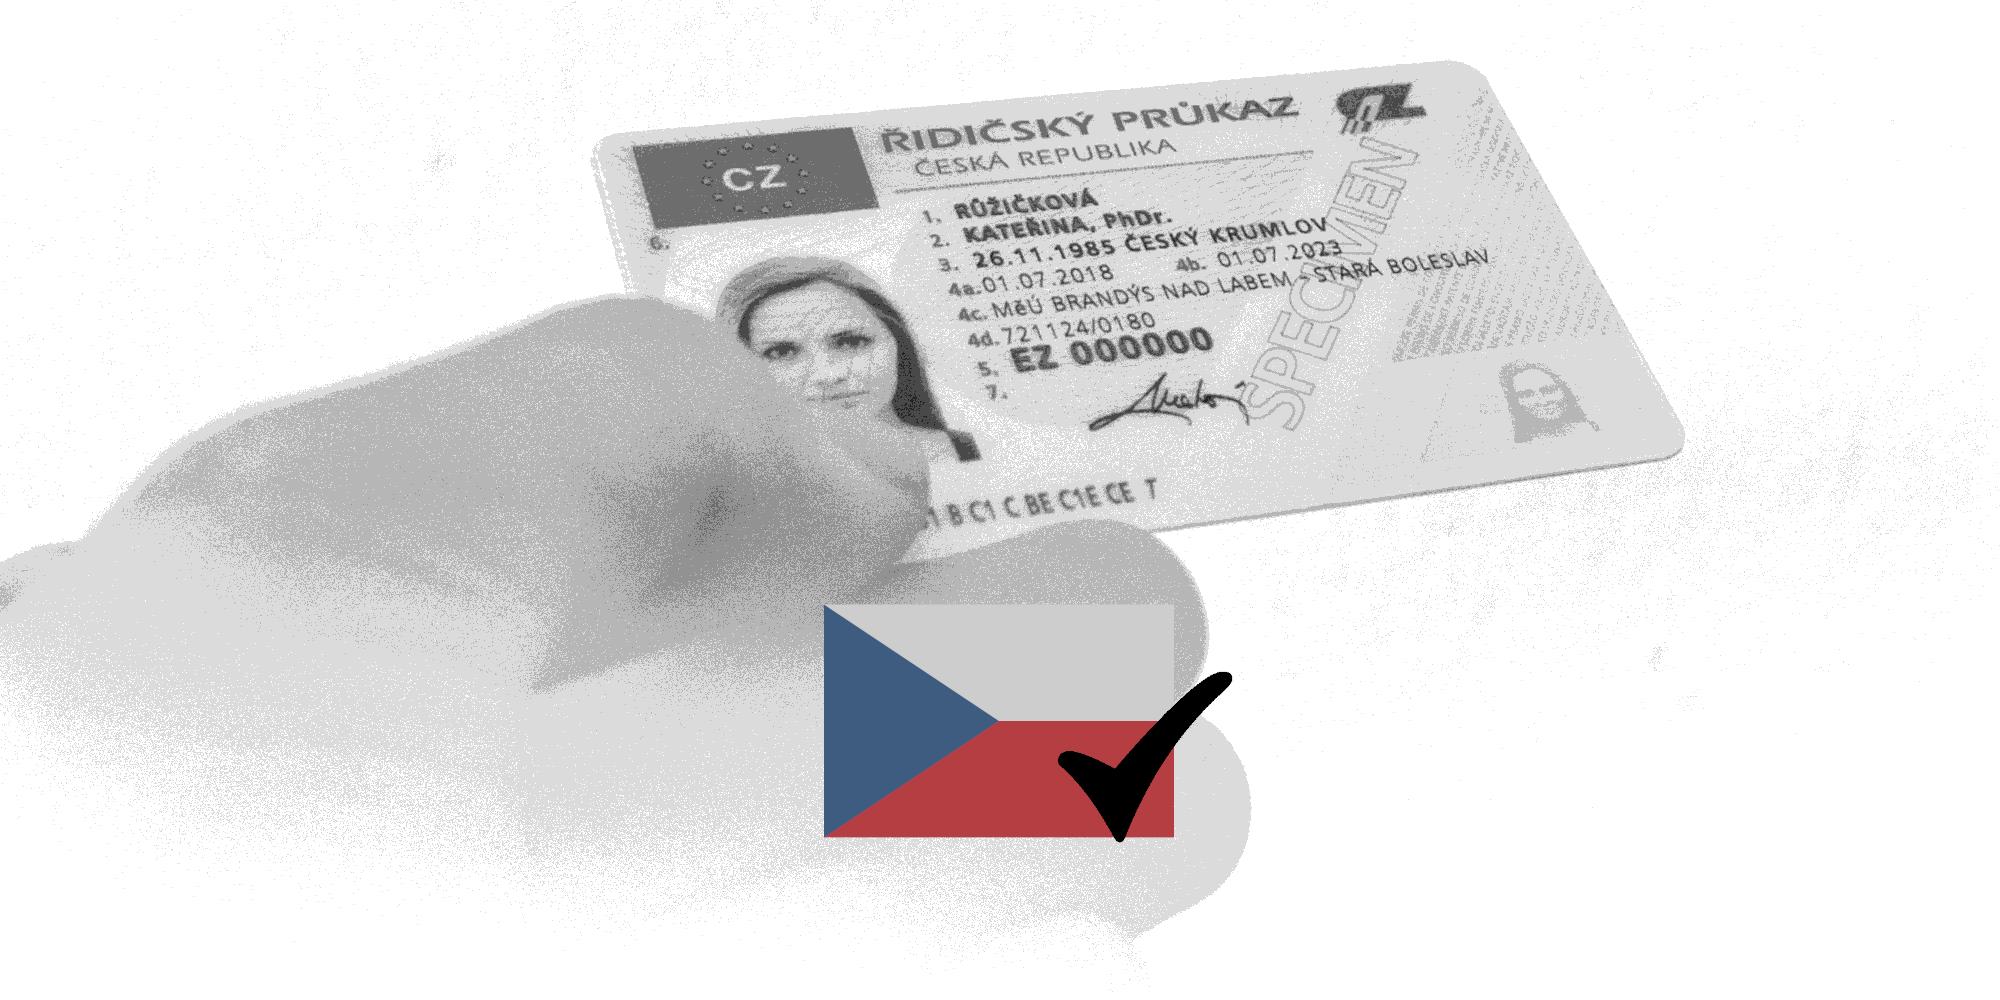 Vydání českého řidičského průkazu